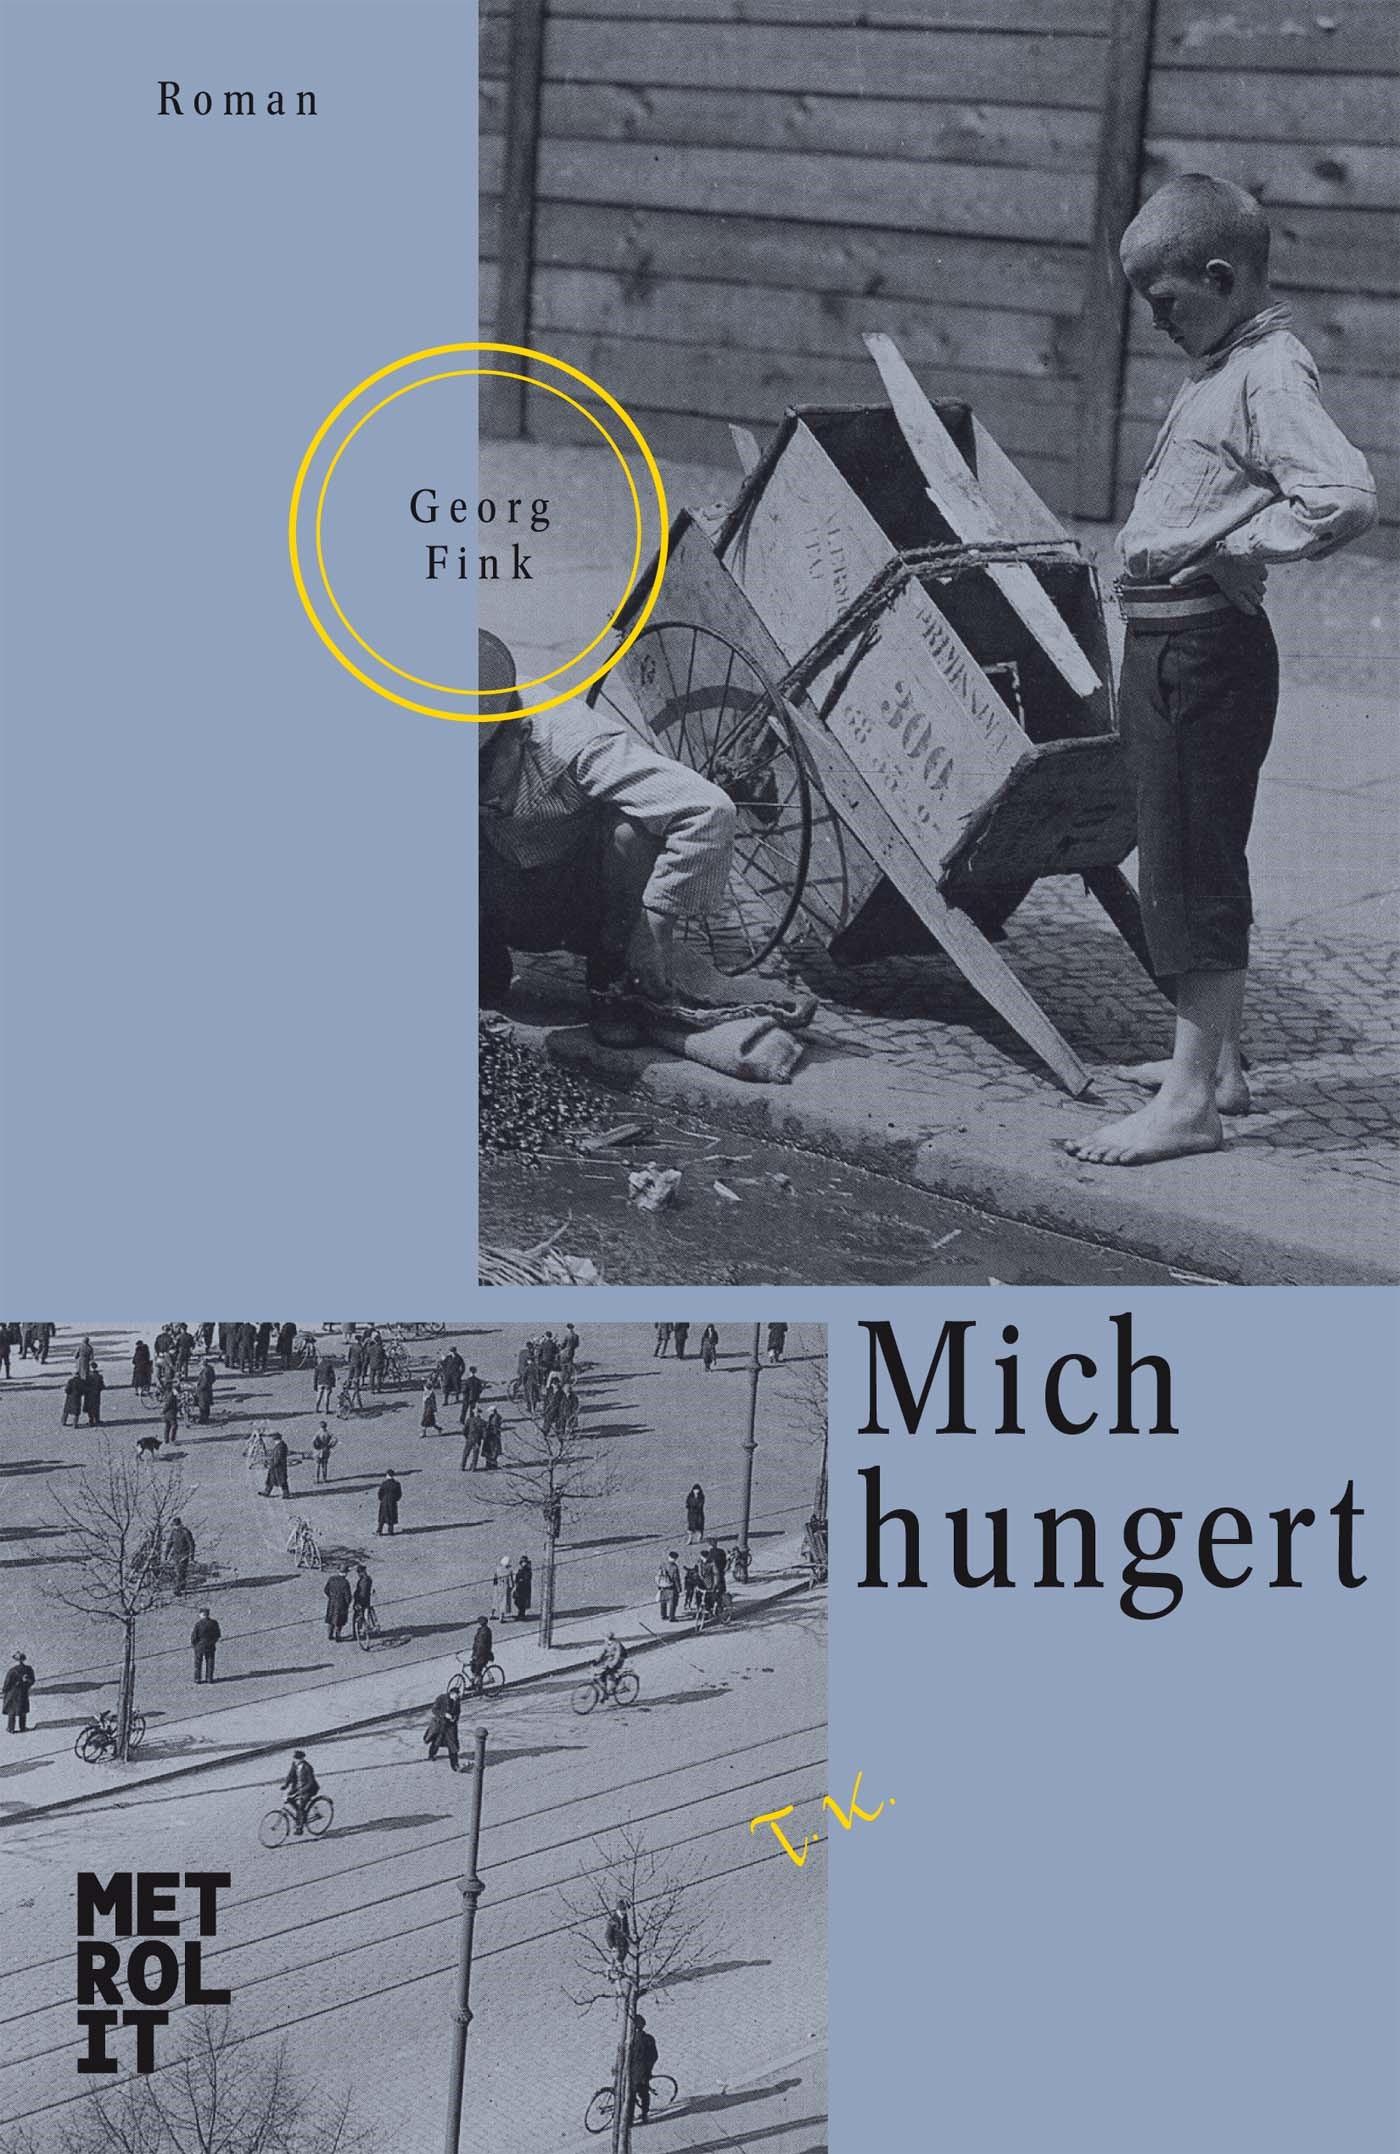 Mich hungert - Georg Fink